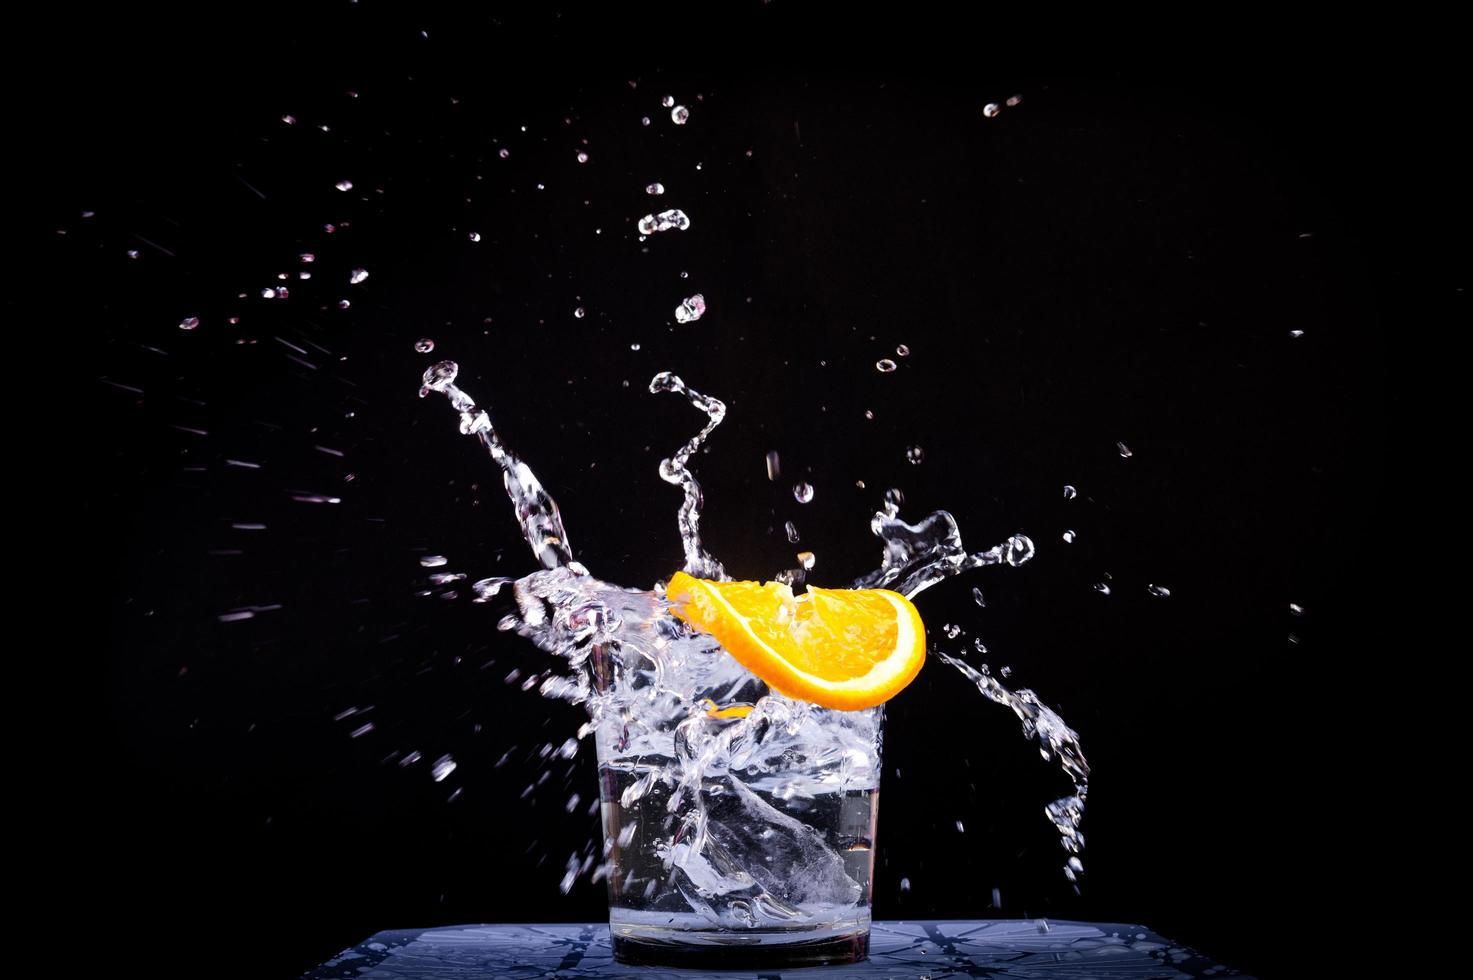 spruzzata d'acqua in vetro con fette di limone foto